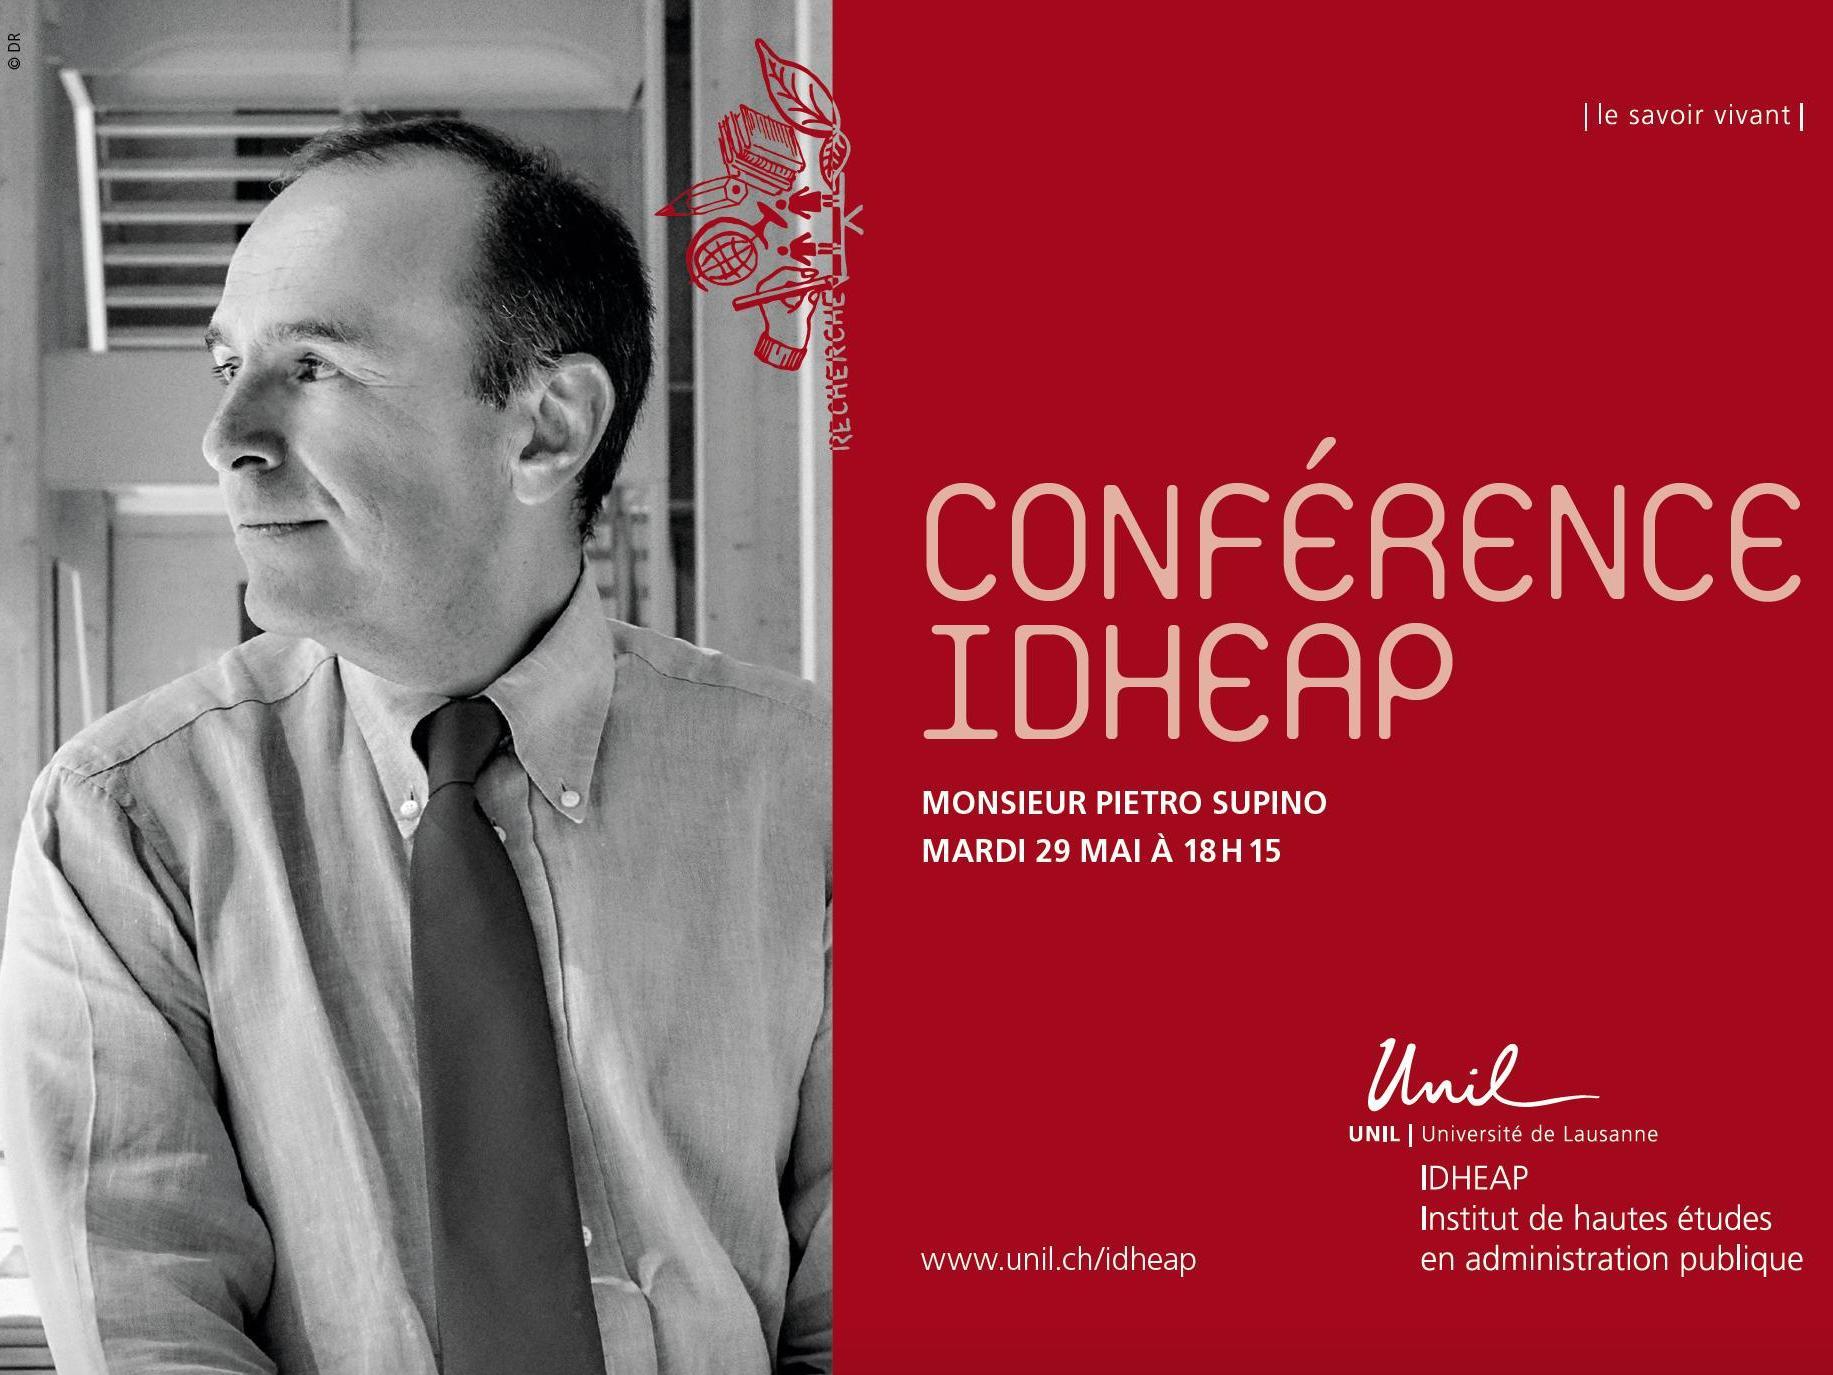 Conférence IDHEAP│Monsieur Pietro Supino